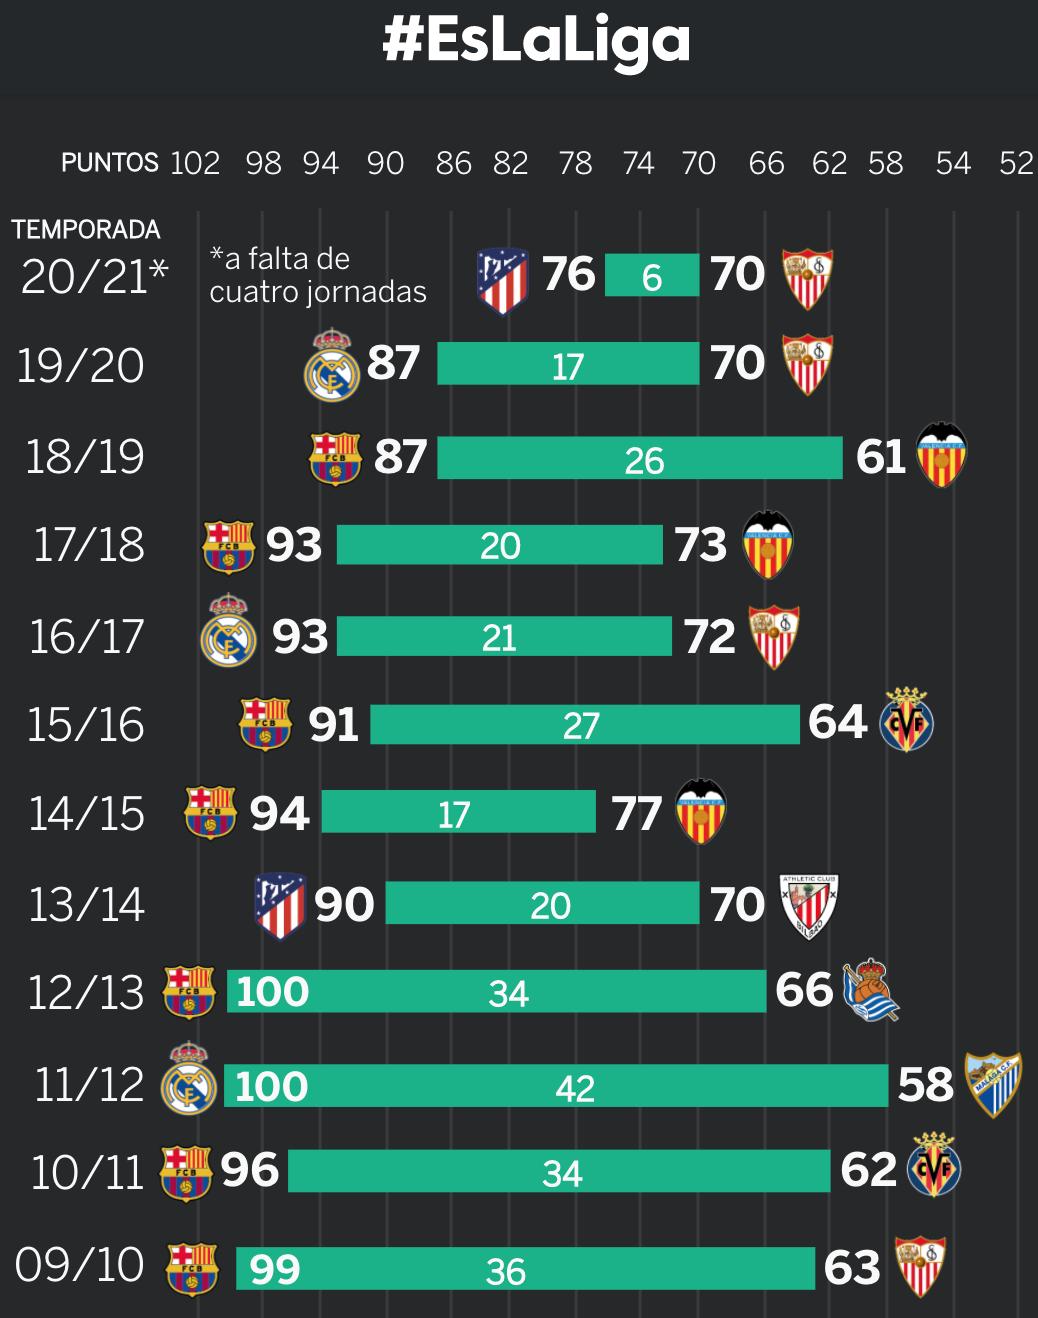 Điểm số của nhà vô địch và cách biệt giữa nhà vô địch với đội chốt top 4 ở La Liga ngày càng bị thu hẹp trong hơn 10 năm qua.